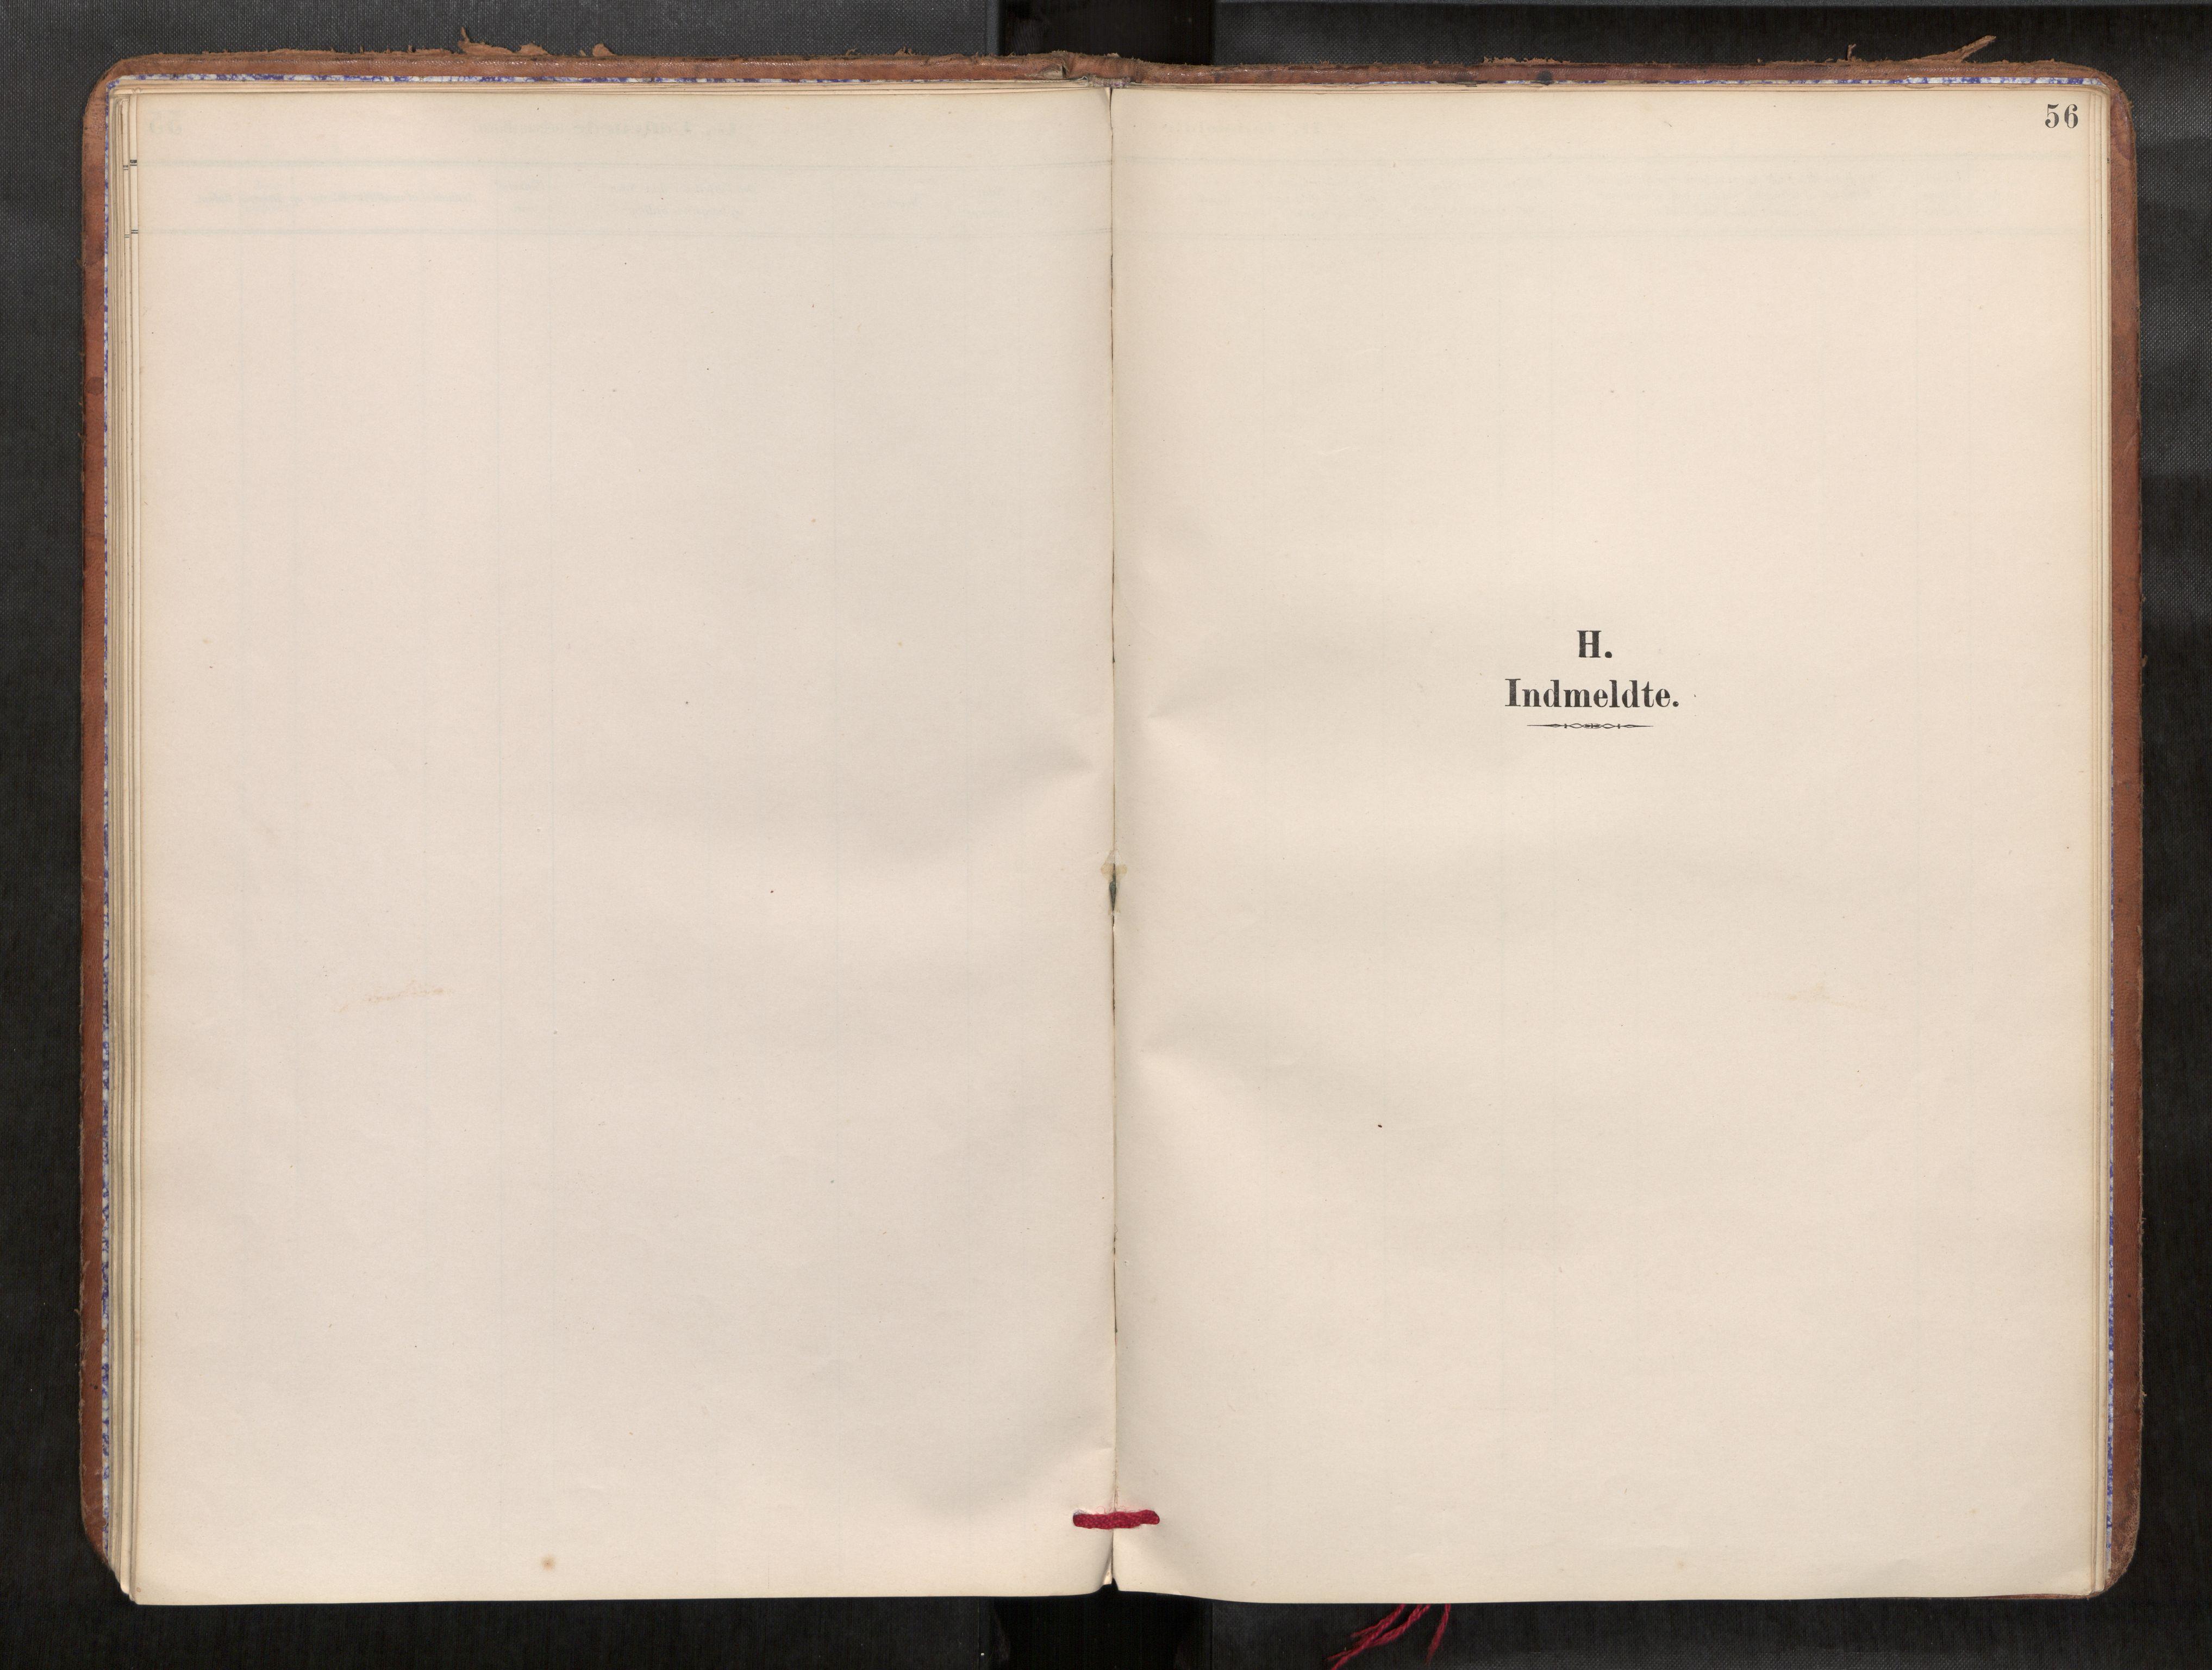 SAT, Verdal sokneprestkontor*, Parish register (official) no. 1, 1891-1907, p. 56